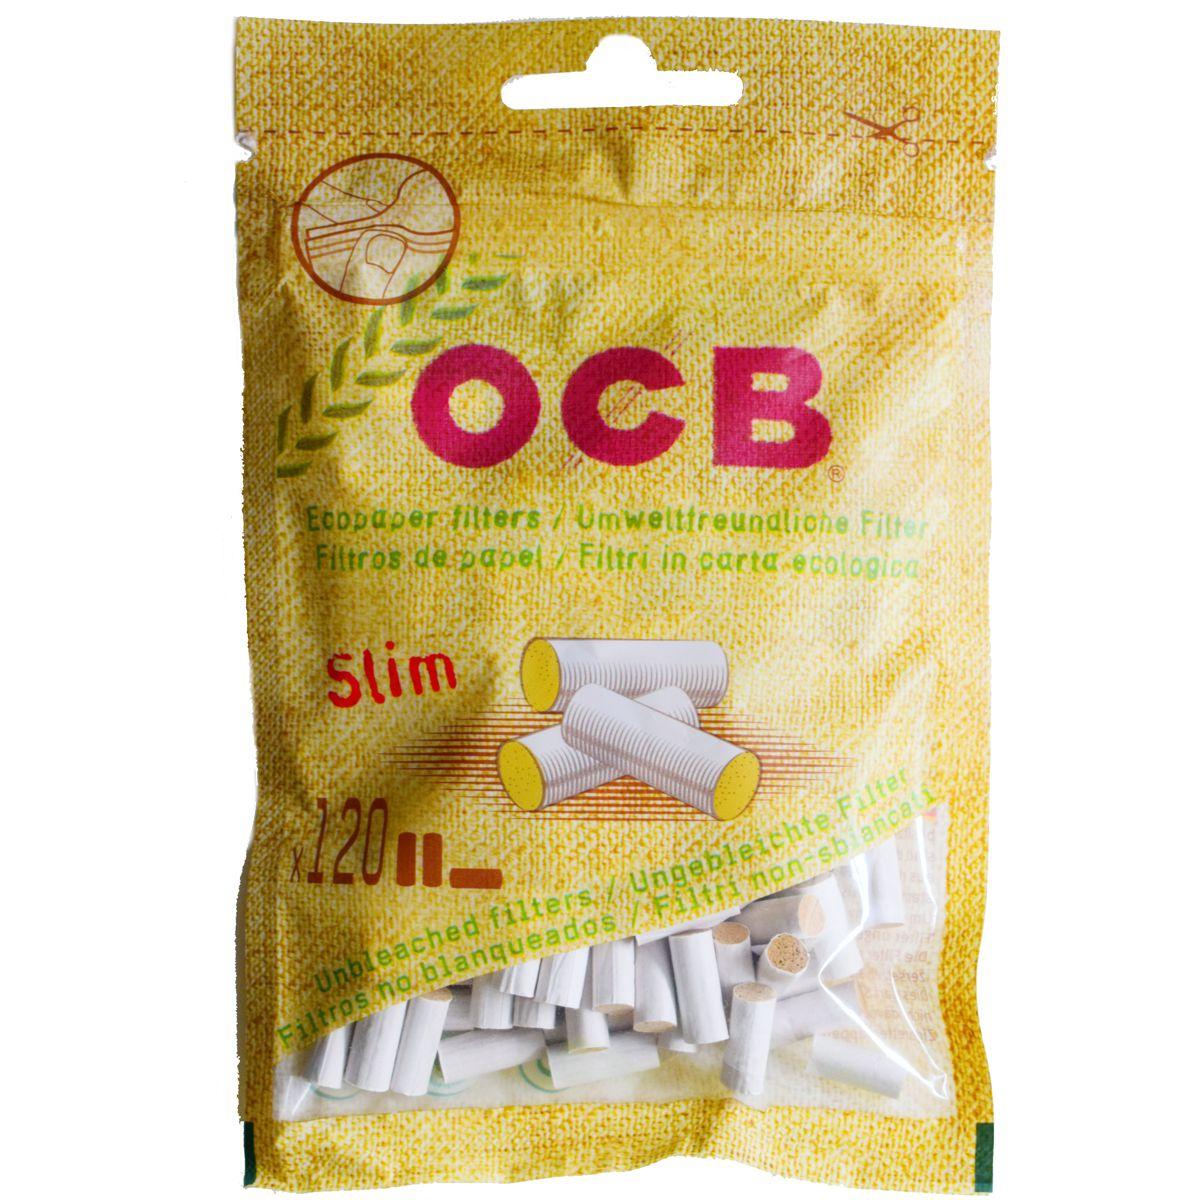 filtros ocb slim eco grow shop